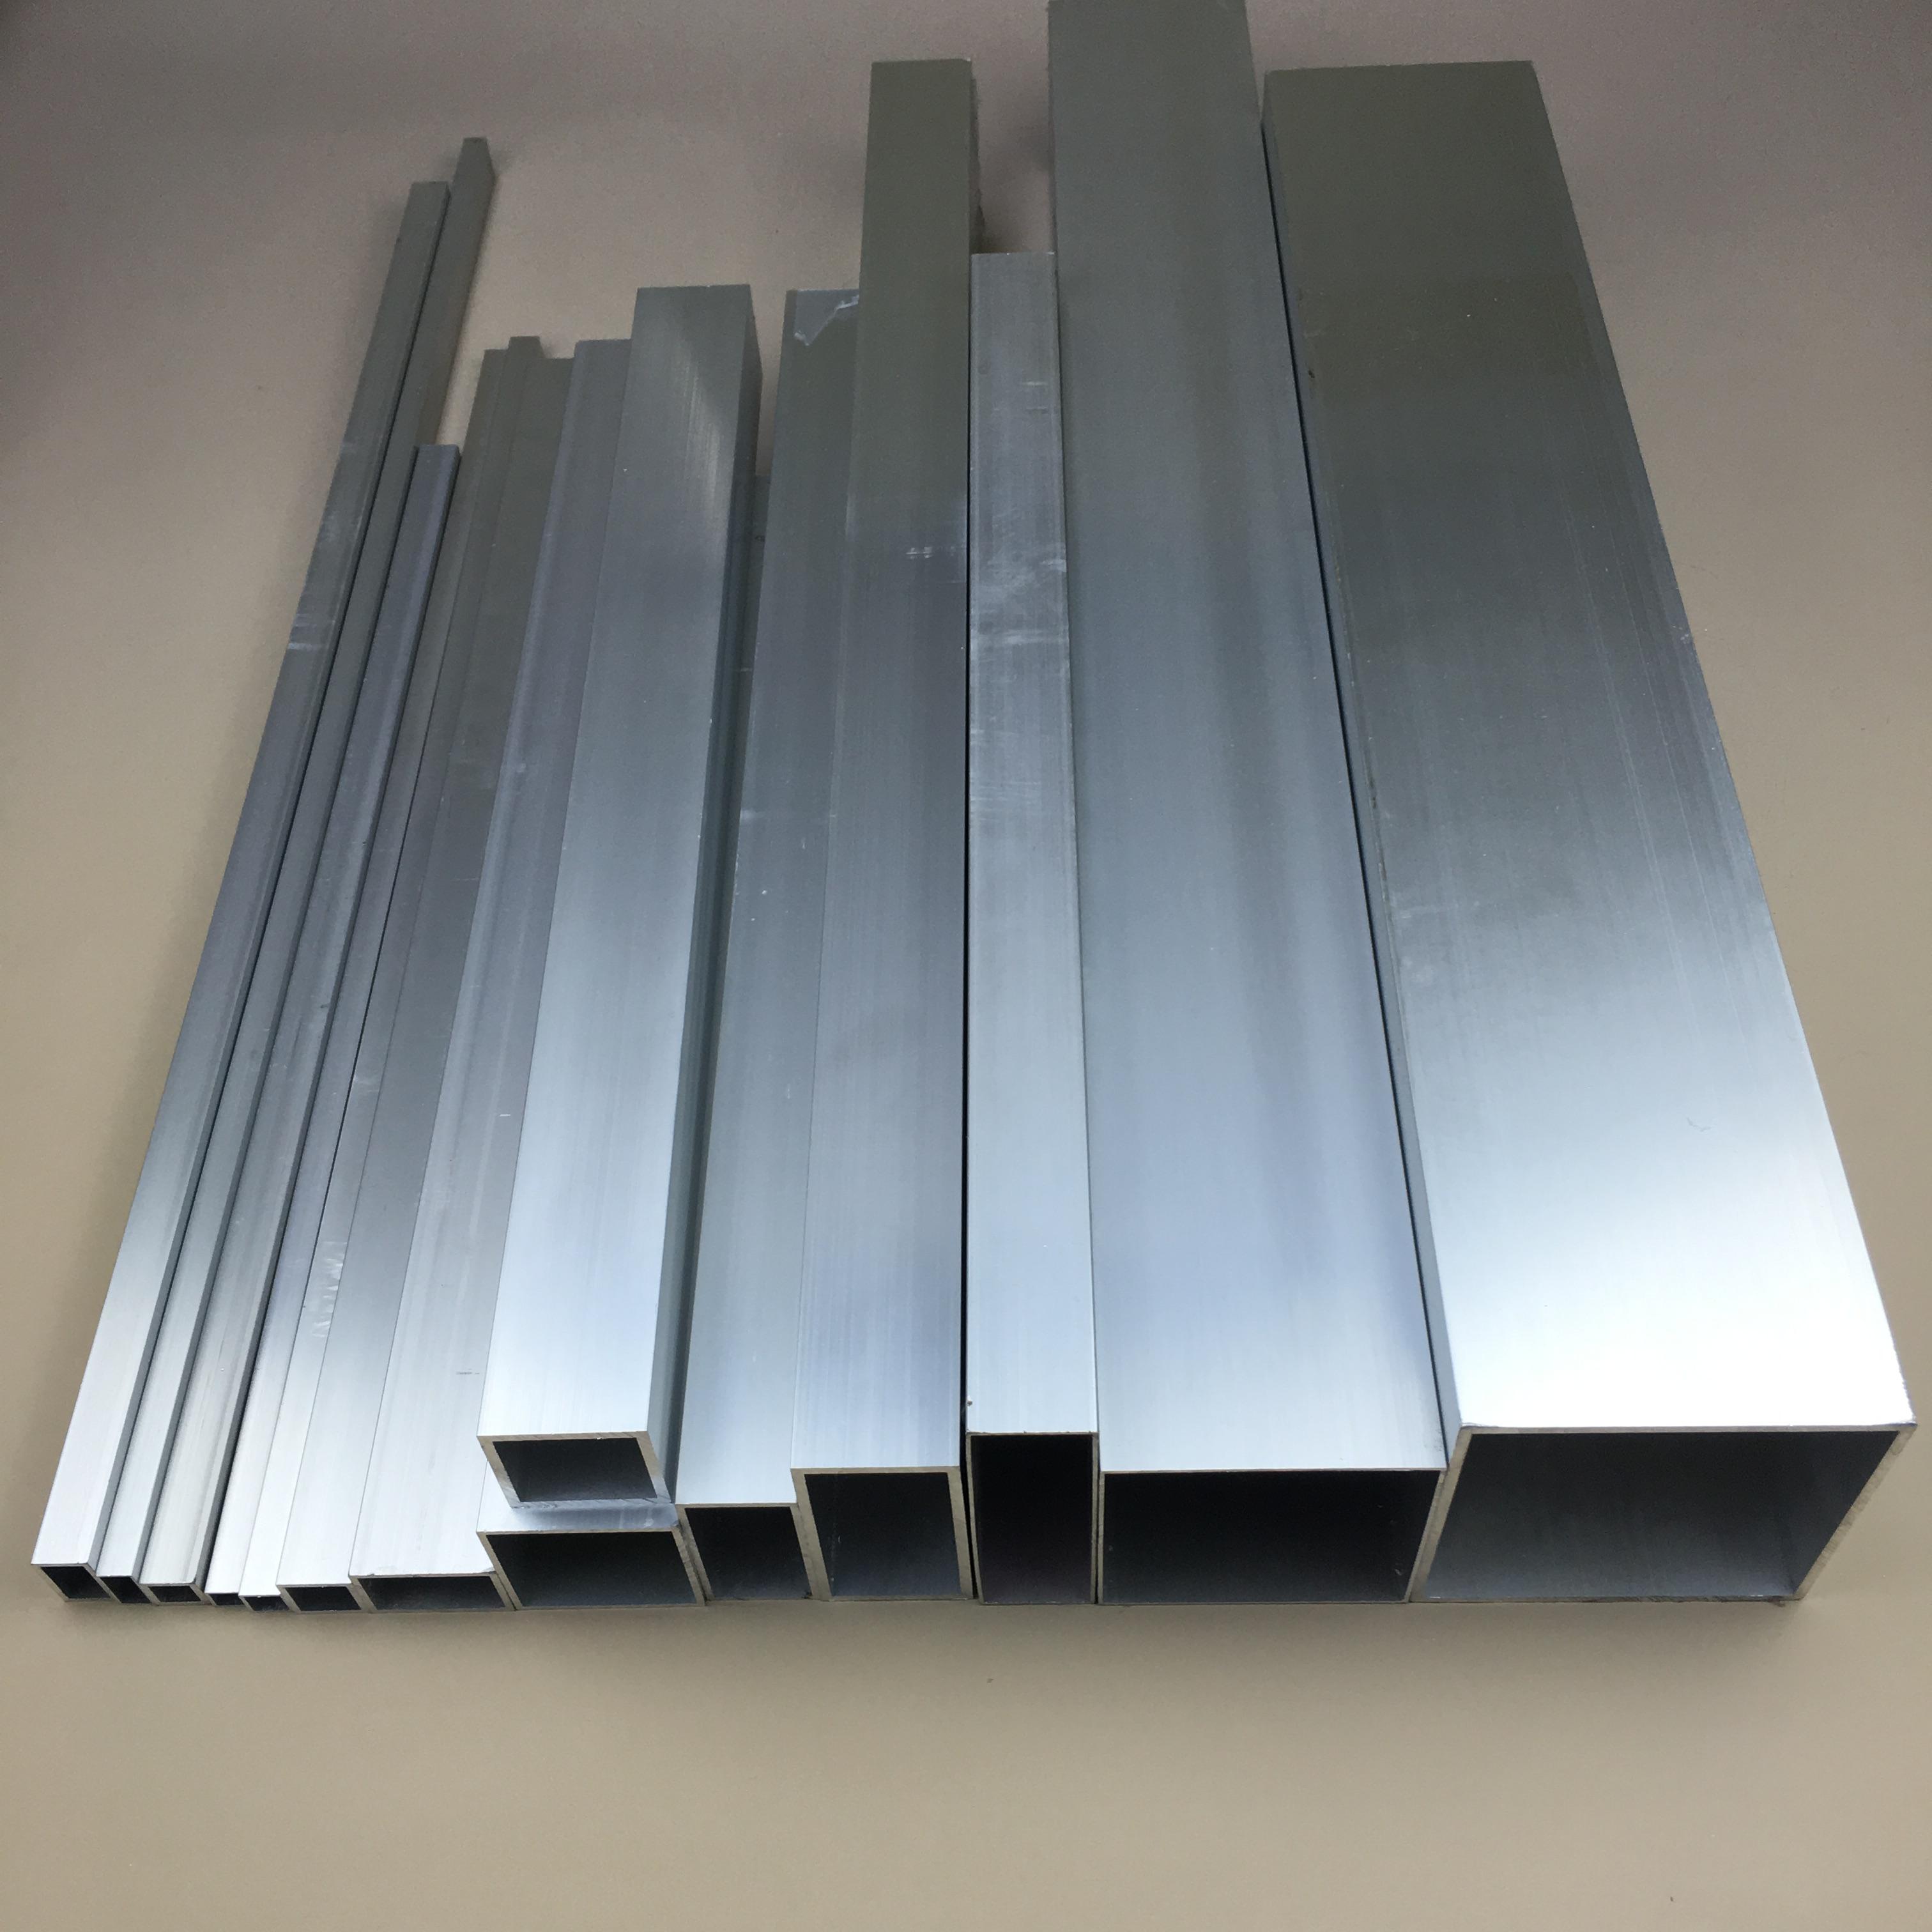 Aluminium Square Box Section Tube 25mm Square 500mm Long